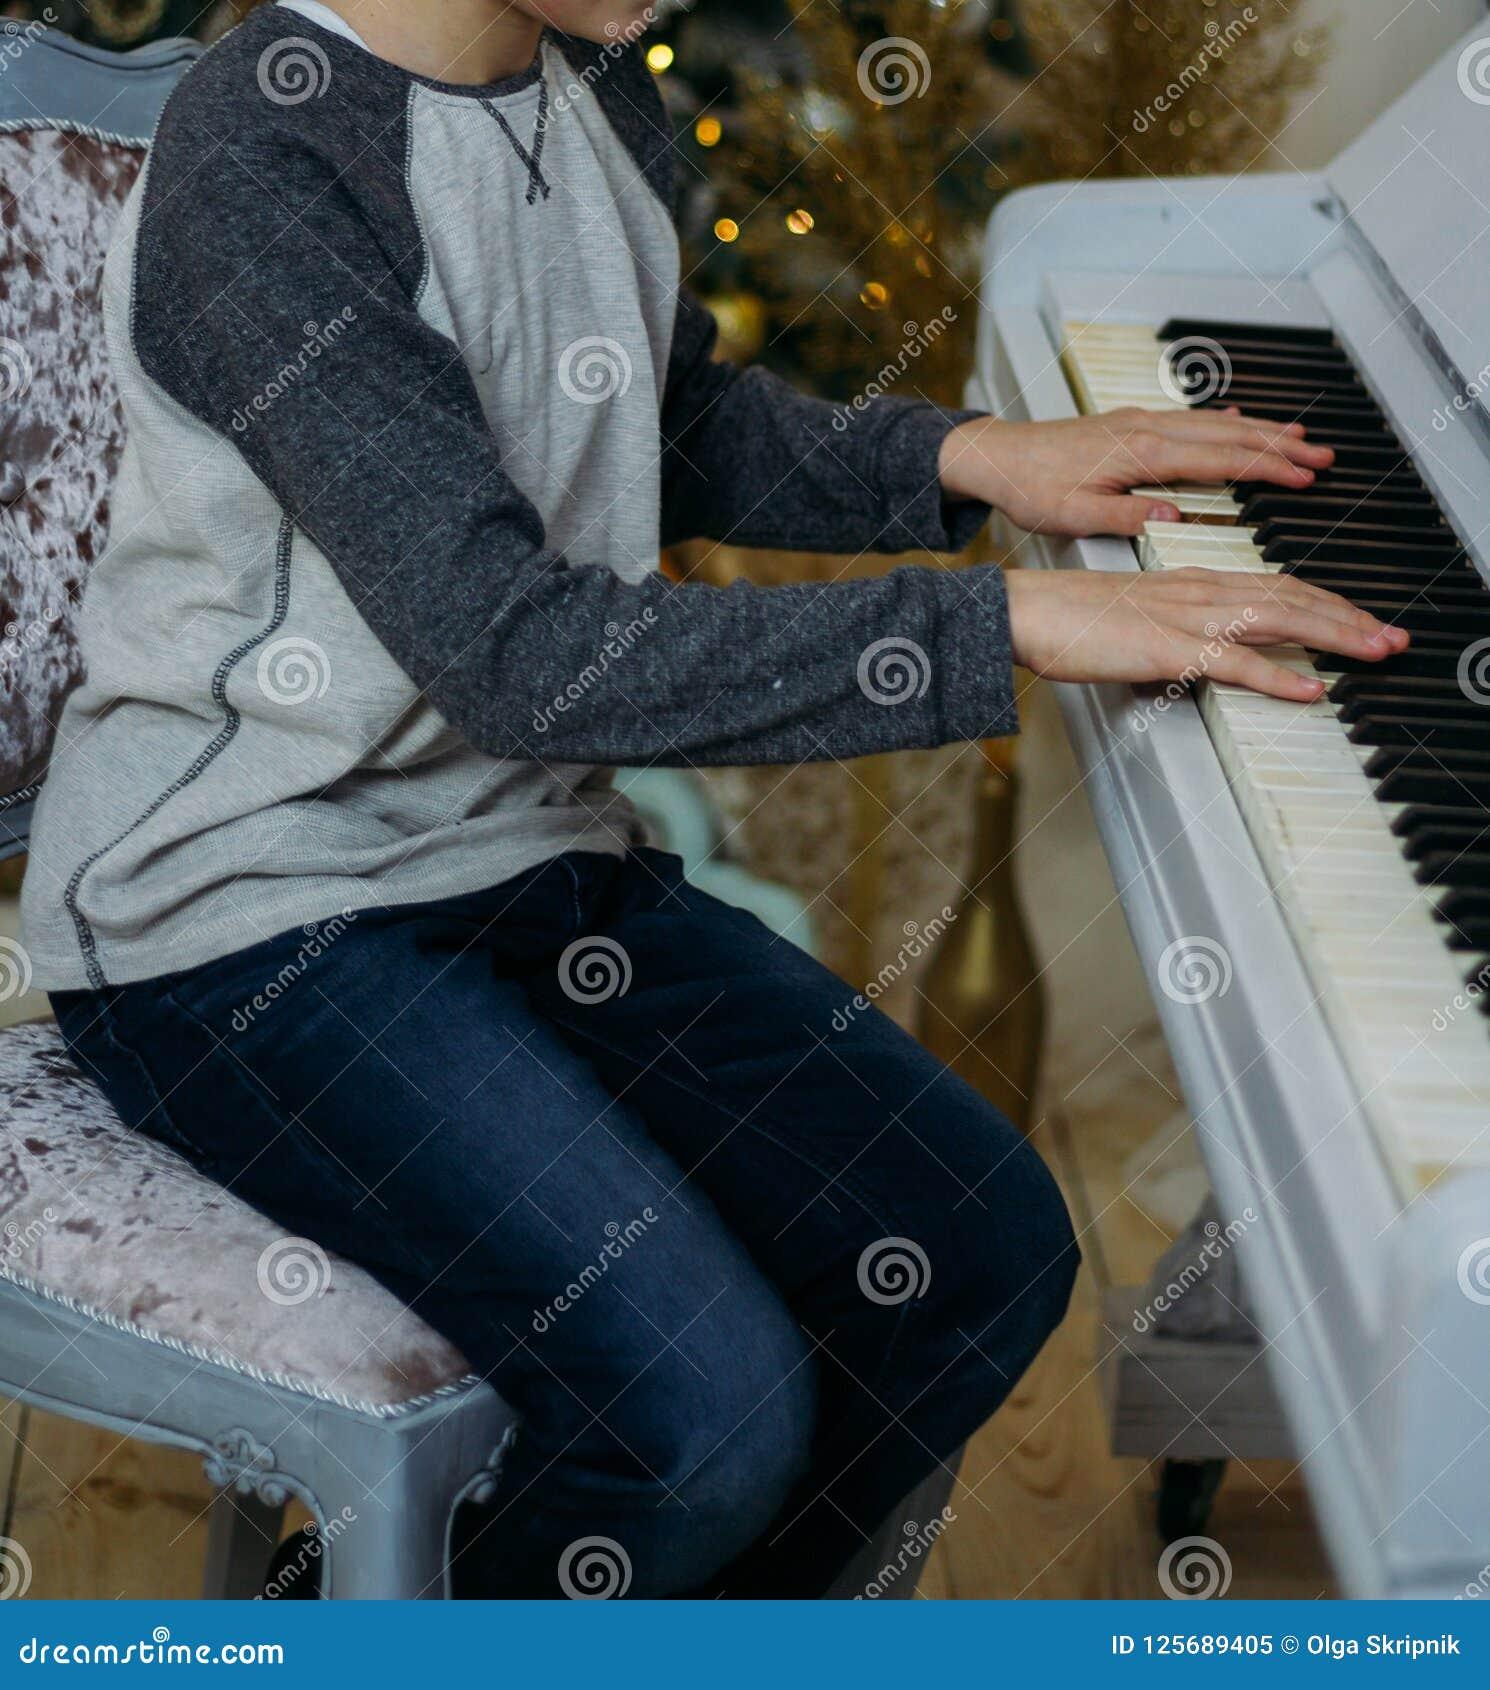 Il ragazzo gioca il piano Si siede su una sedia vicino al pianoforte Pratica giocando lo strumento preme i tasti del piano